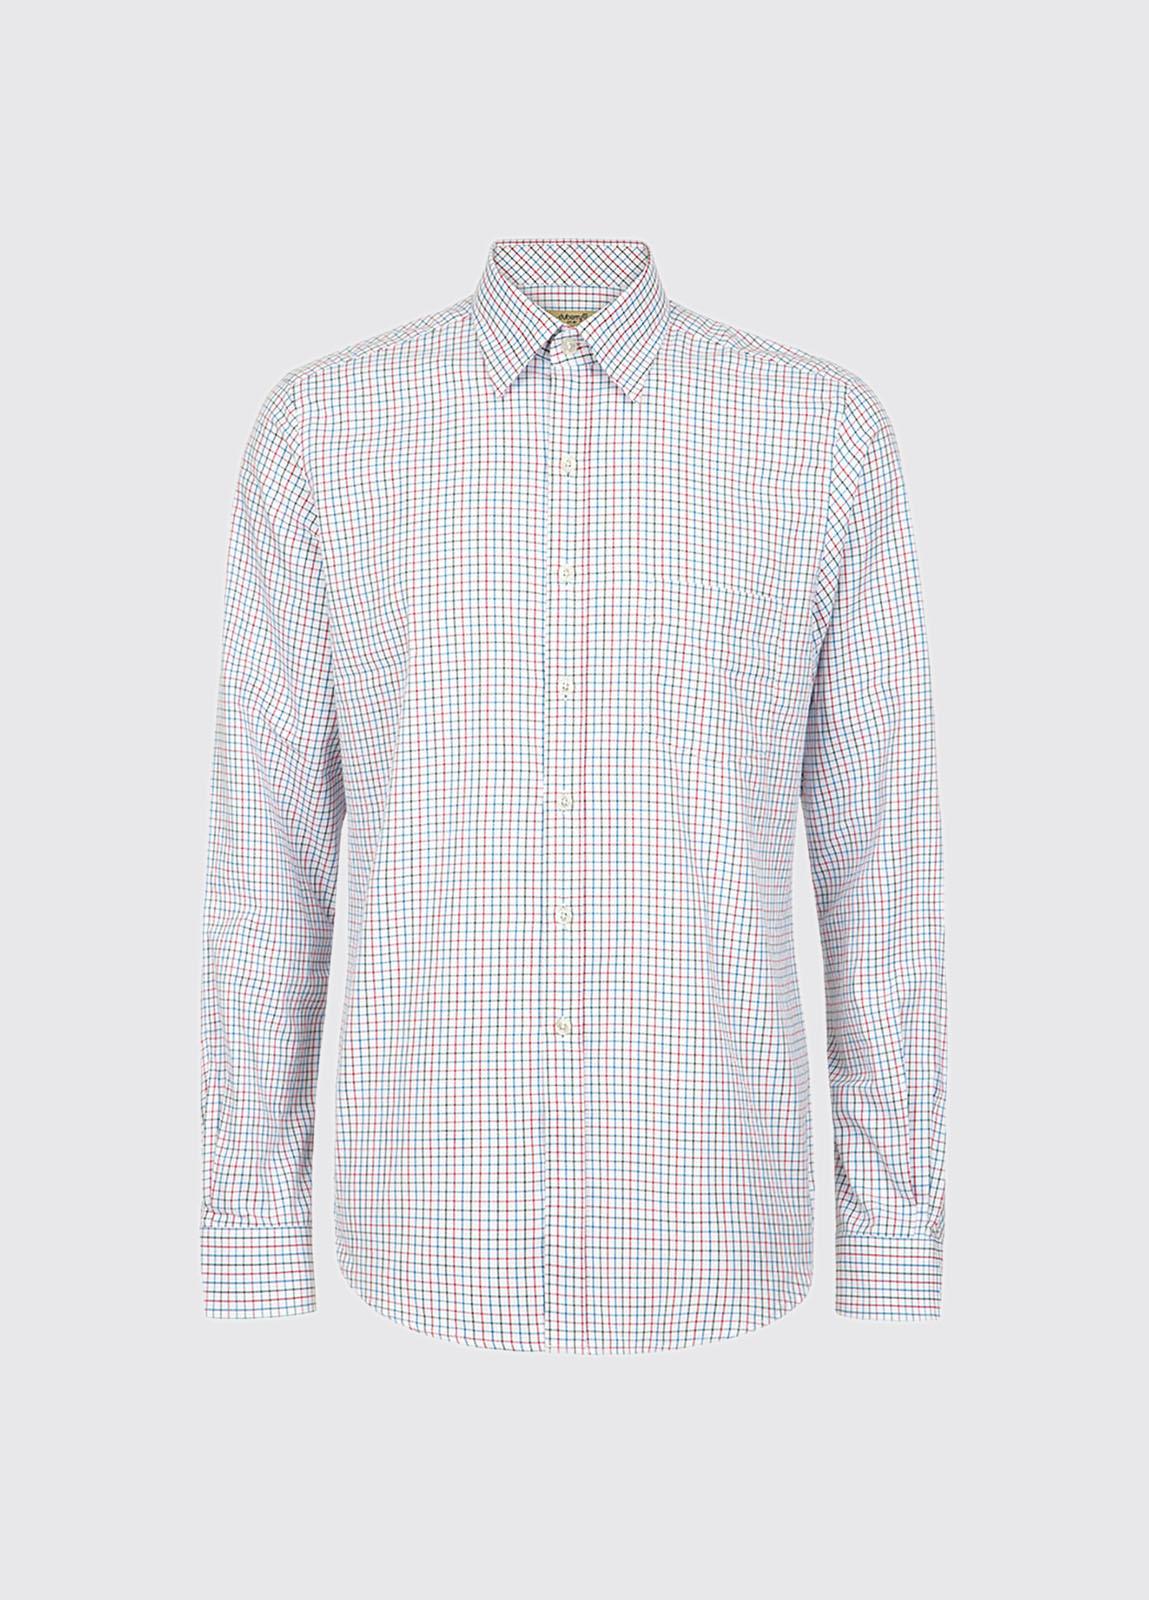 Slane Men's Cotton Button Up Shirt - Blue Multi